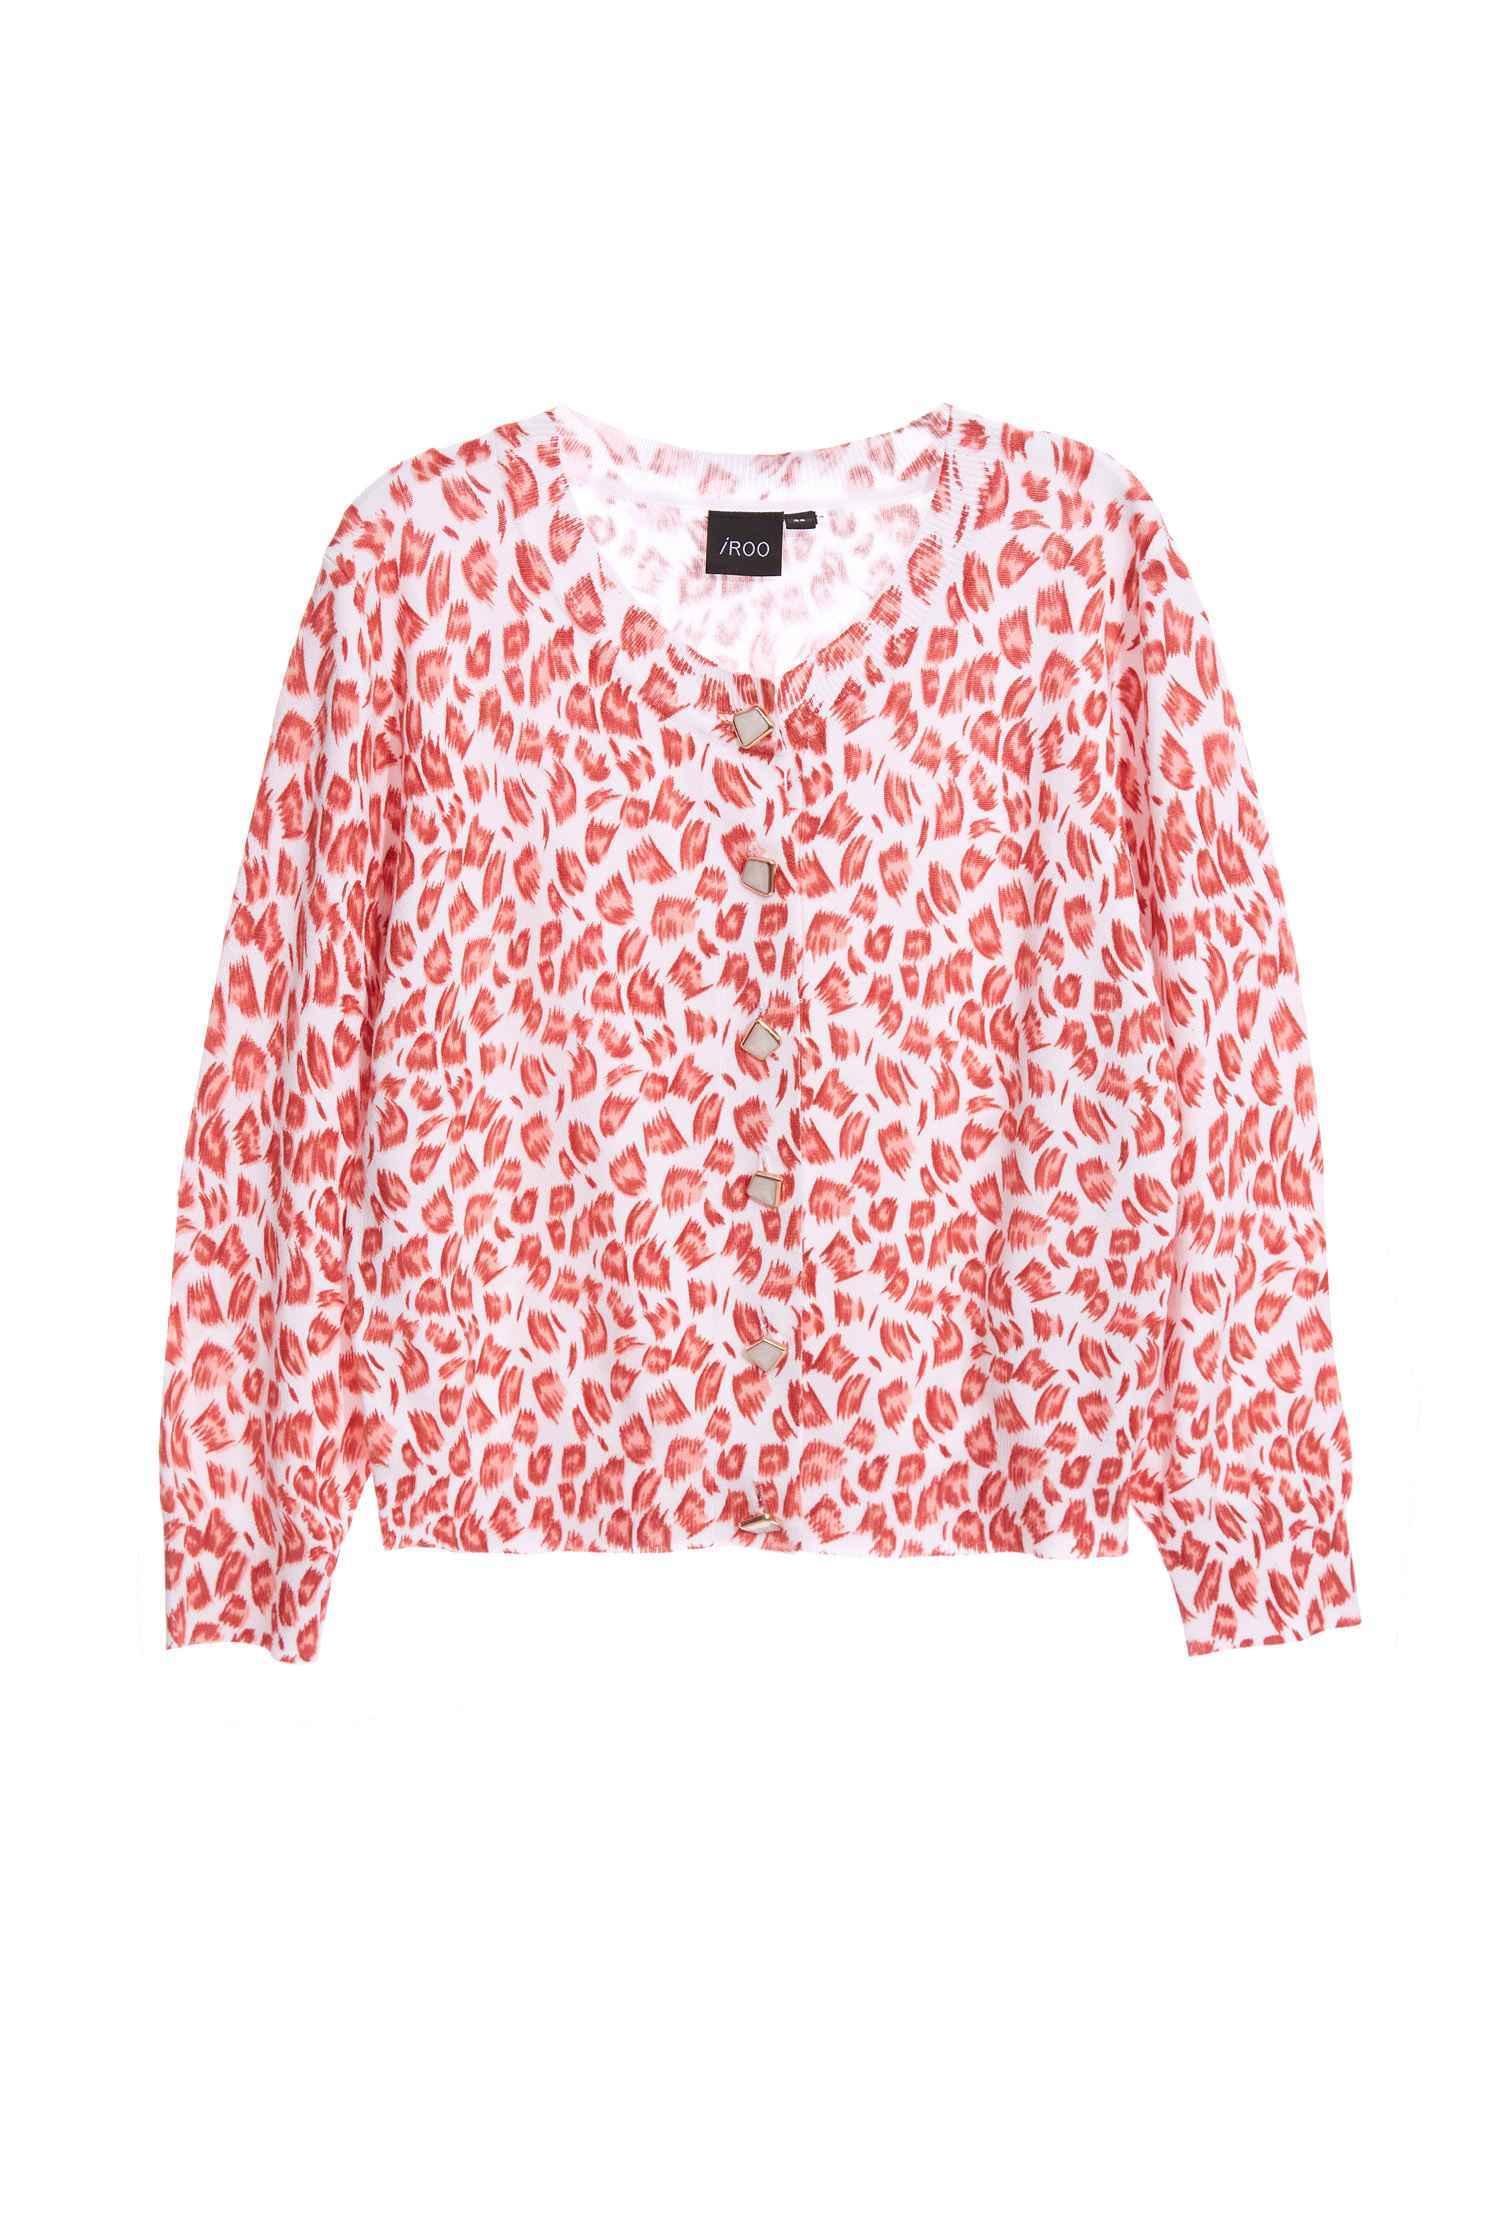 Leopard print pink knit cardigan